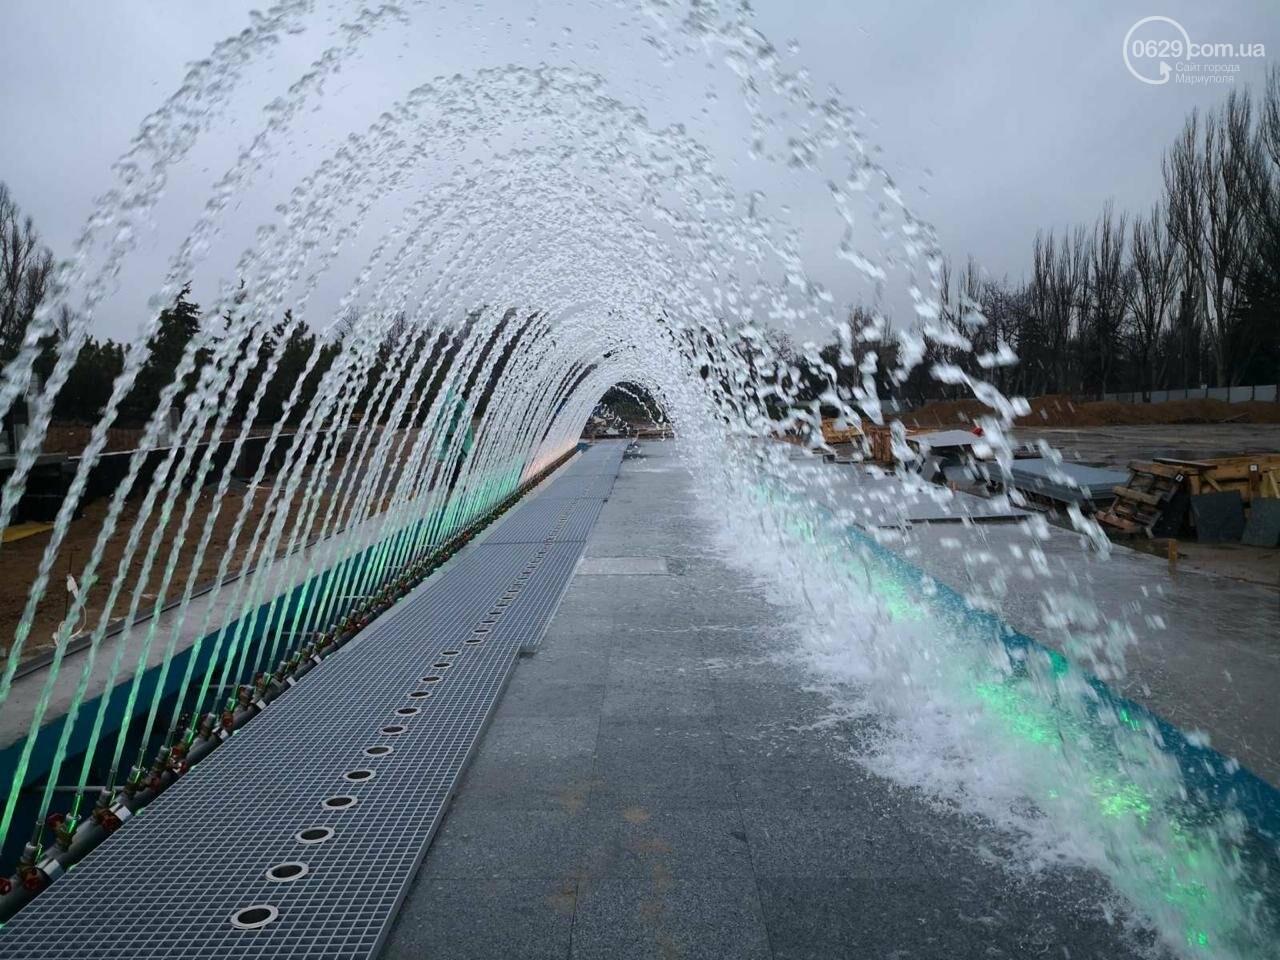 В Мариуполе испытали новый фонтан на площади Свободы,- ФОТОФАКТ, фото-1